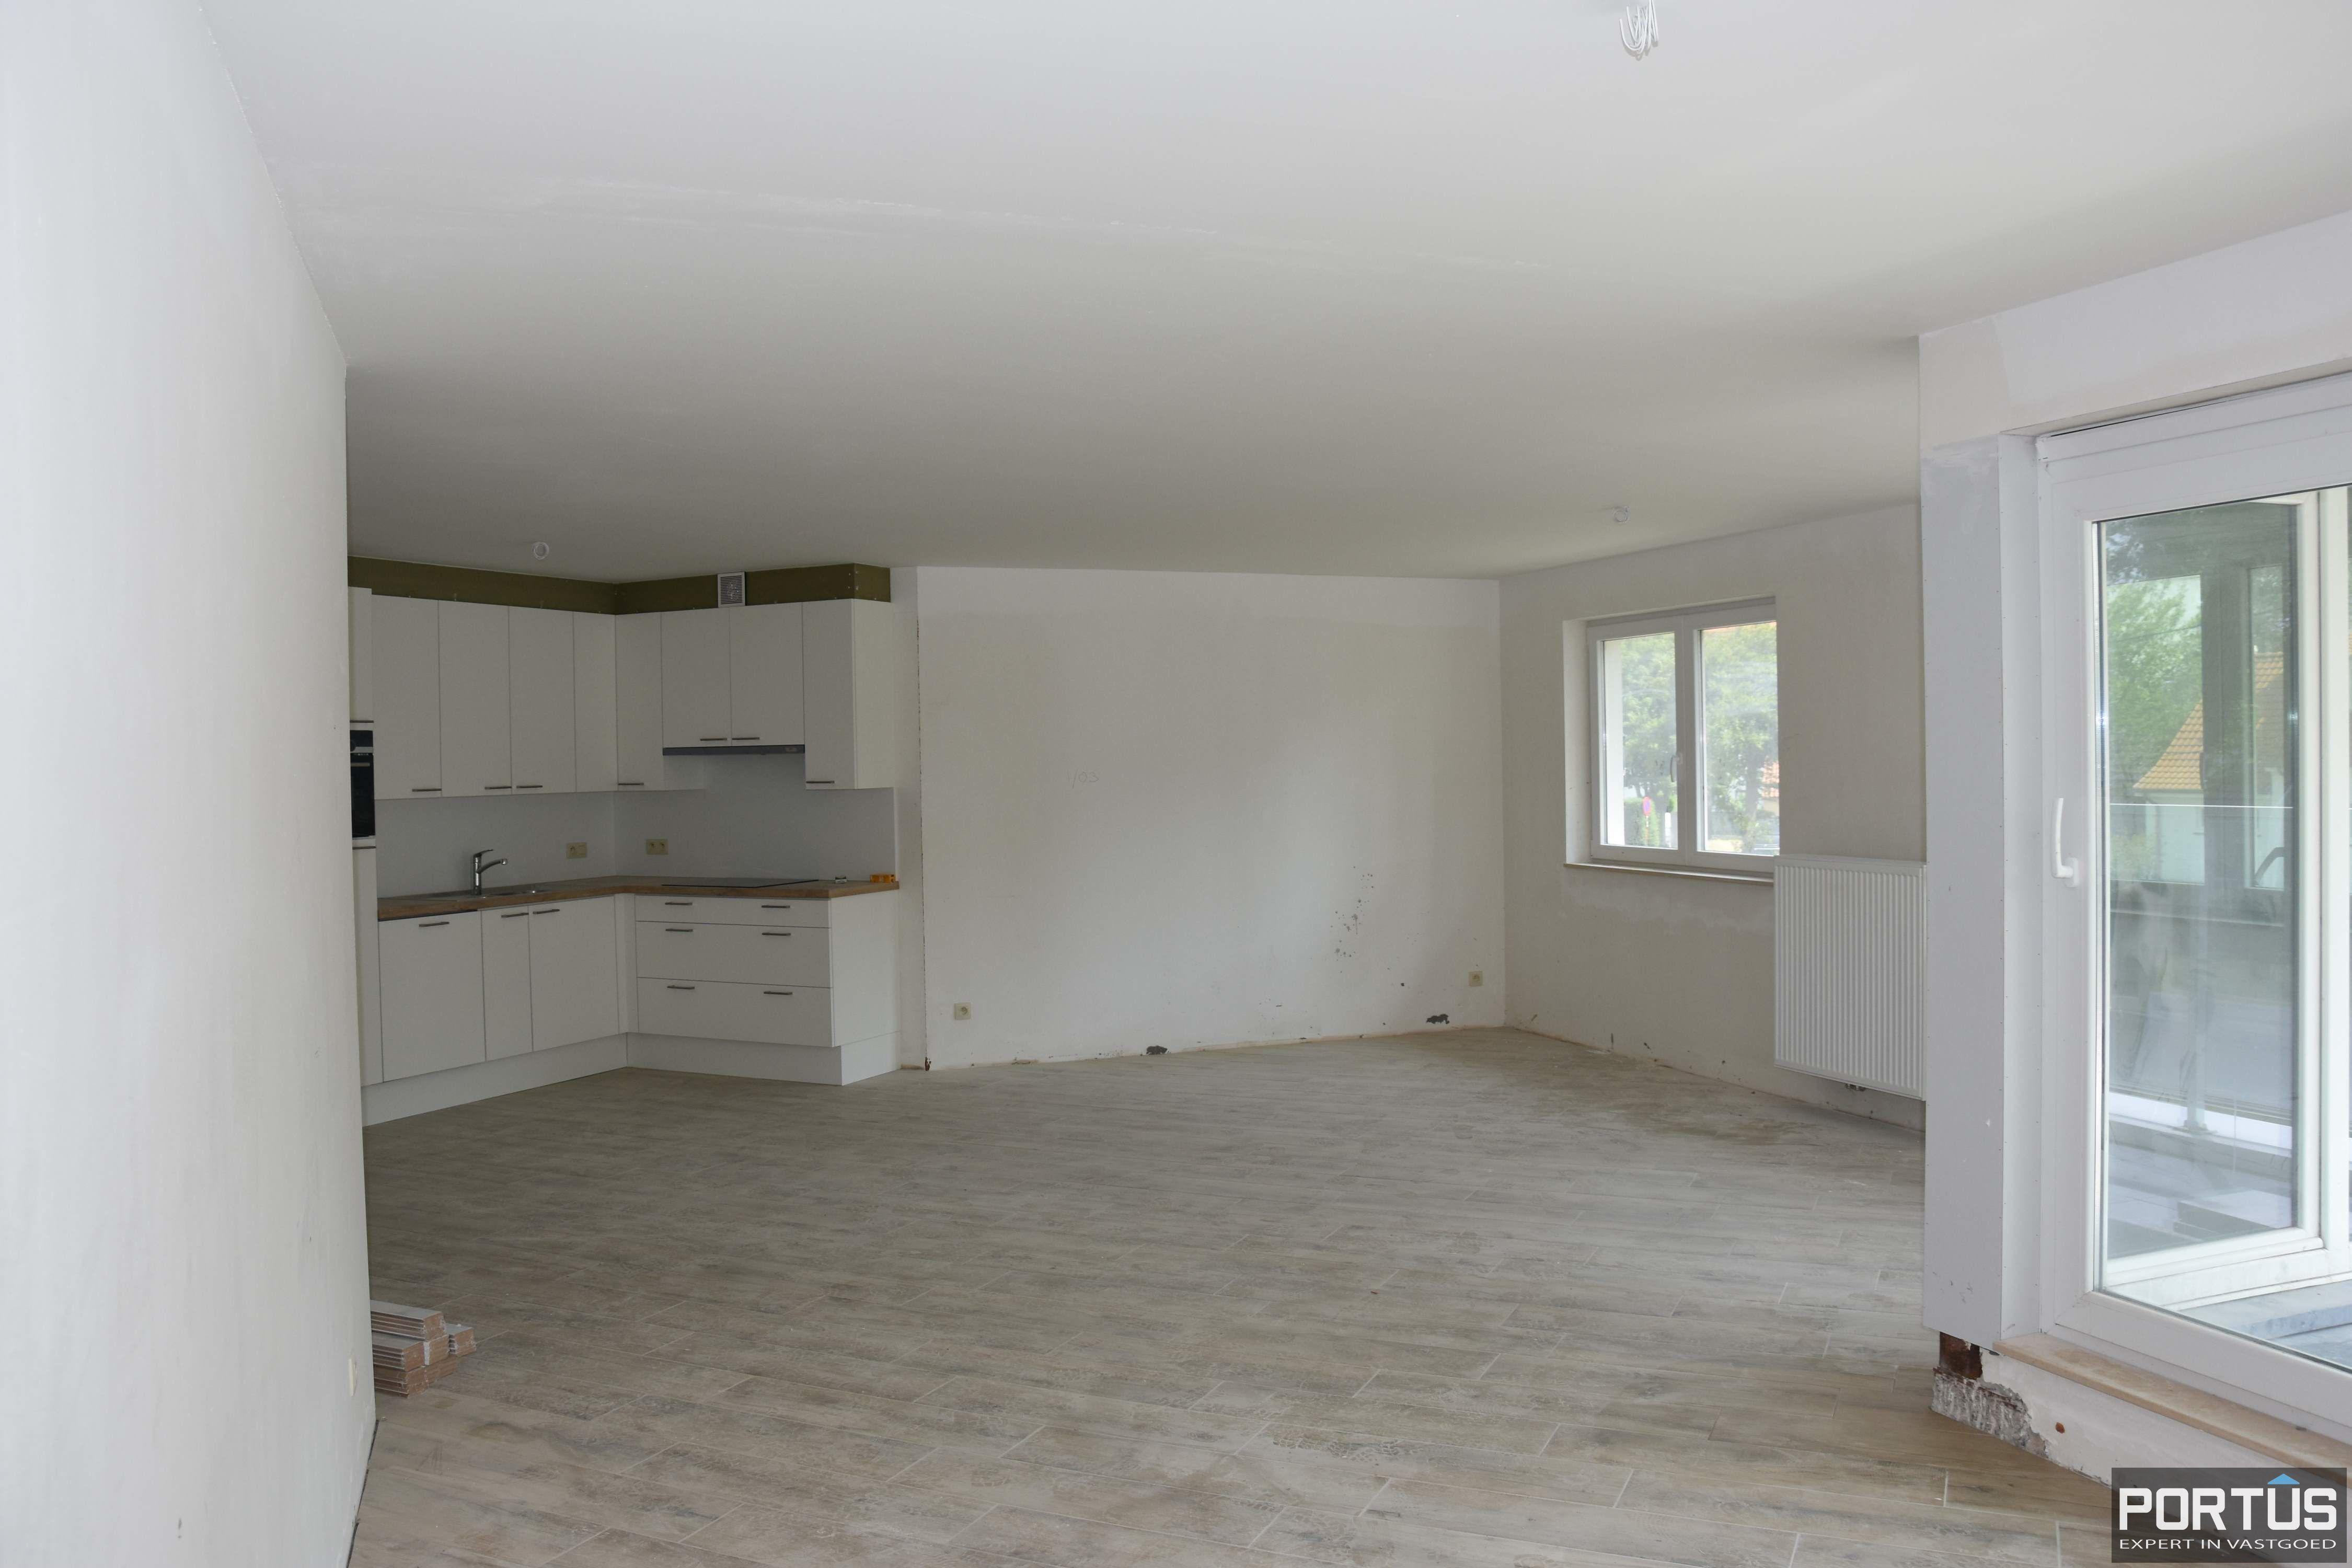 Appartement Residentie Villa Crombez Nieuwpoort - 8364